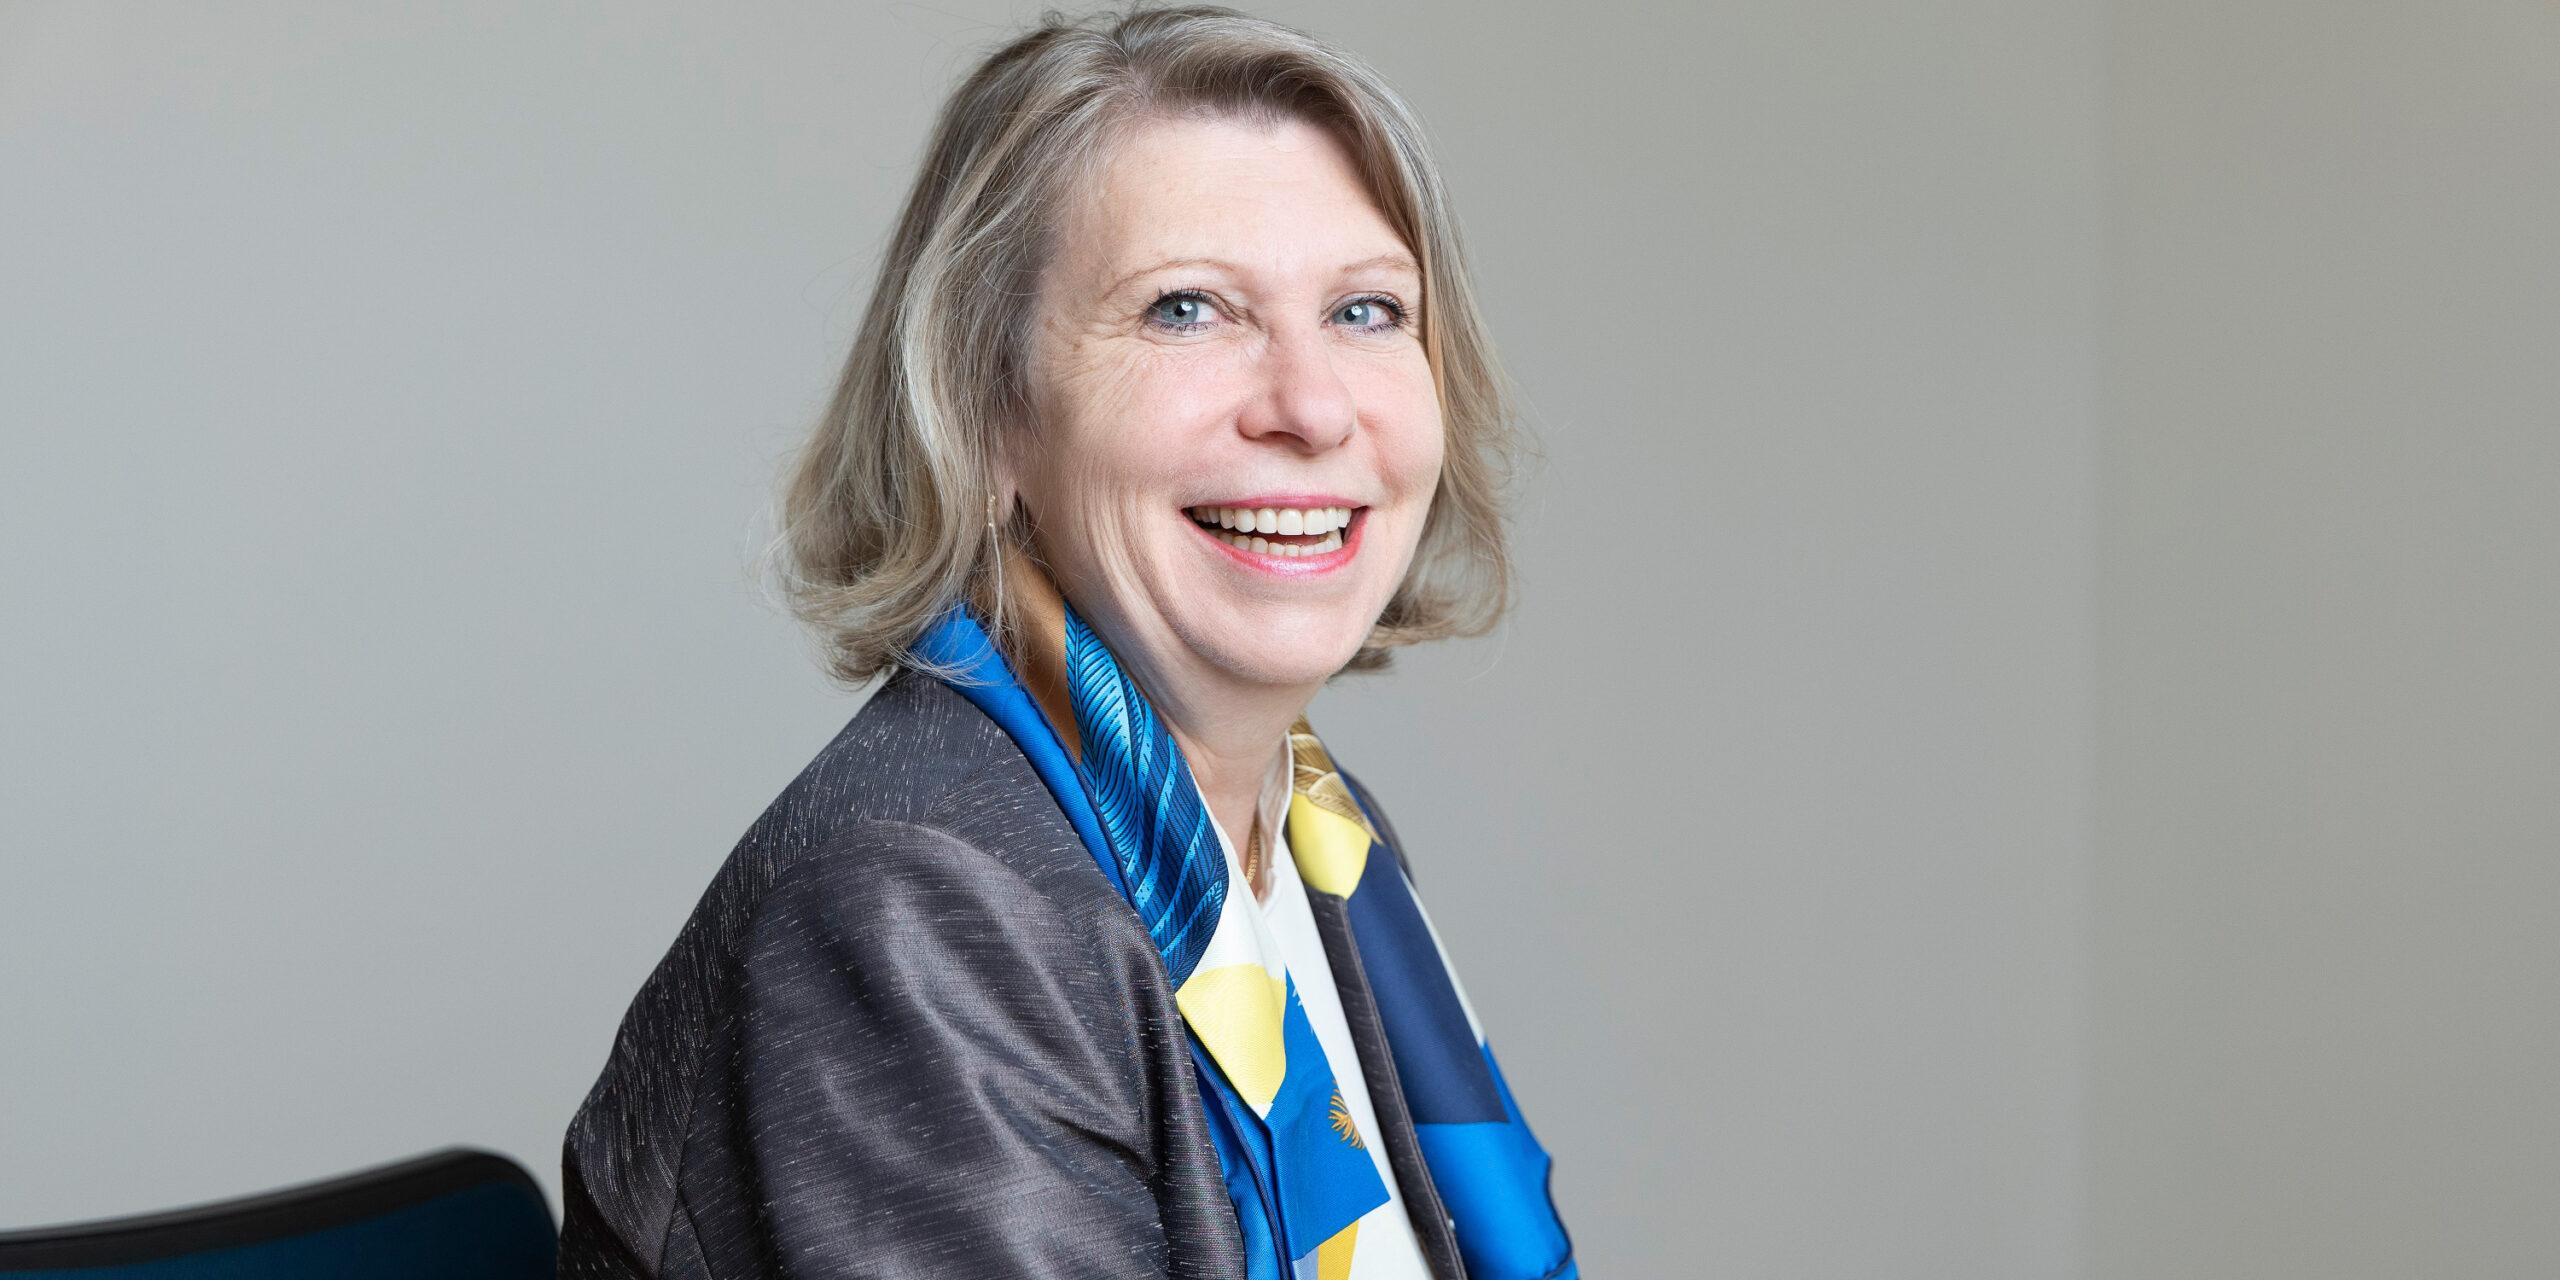 Katya Sokolsky